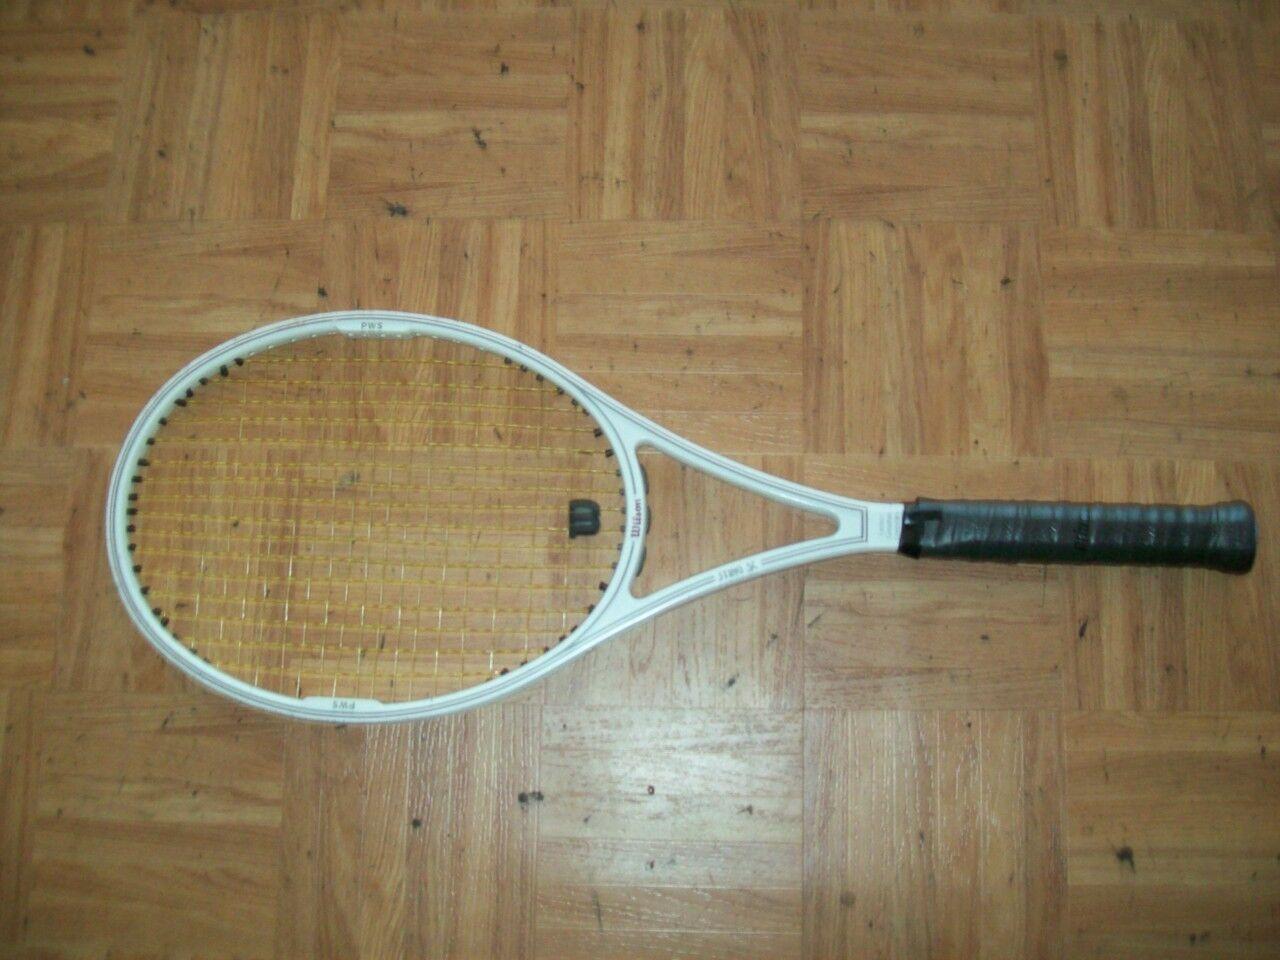 Wilson Sting SC Midsize 95 Graphite Composite 4 1 2 Tennis Racquet